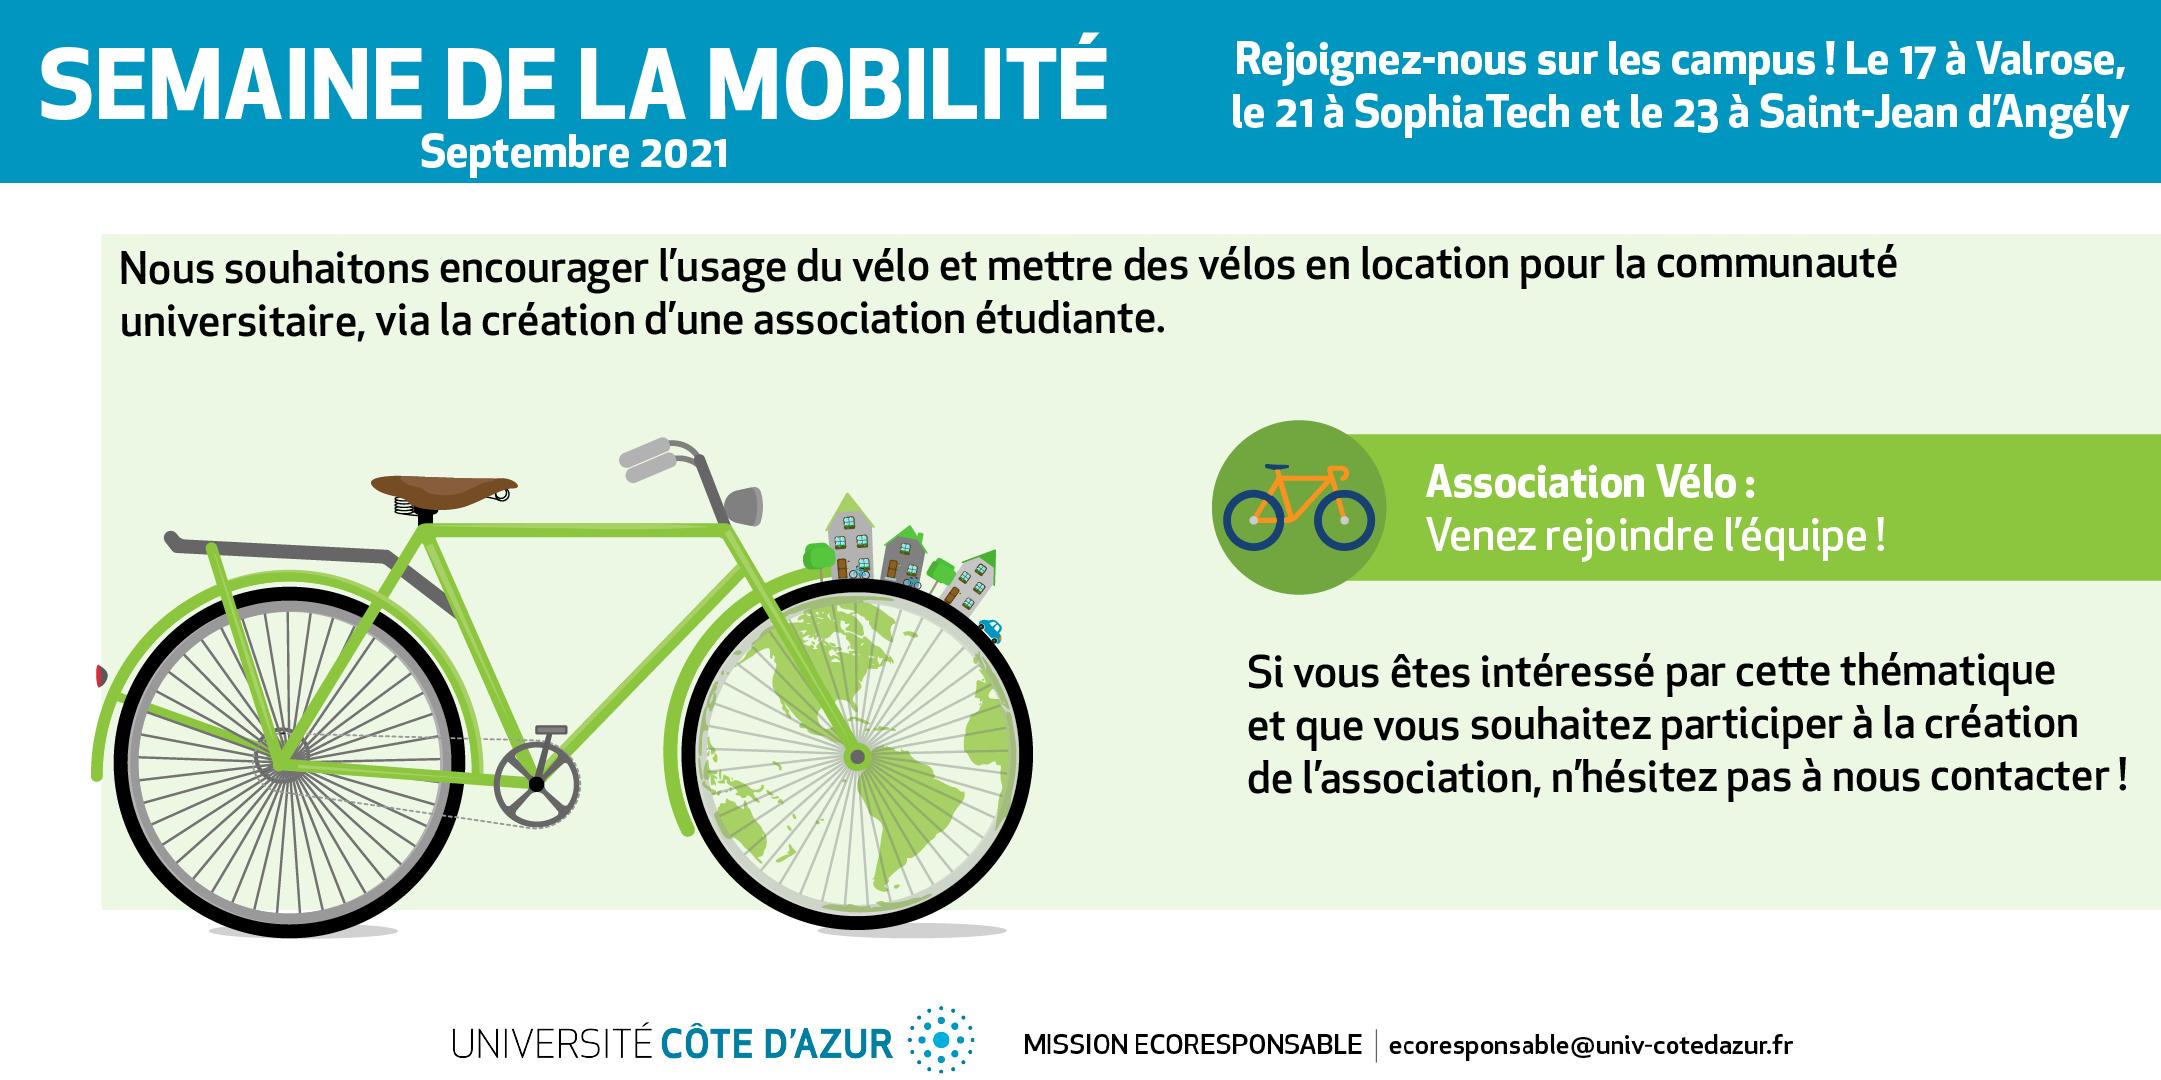 baniere annoncant l'appel à candidature pour constitution d'une asso vélo